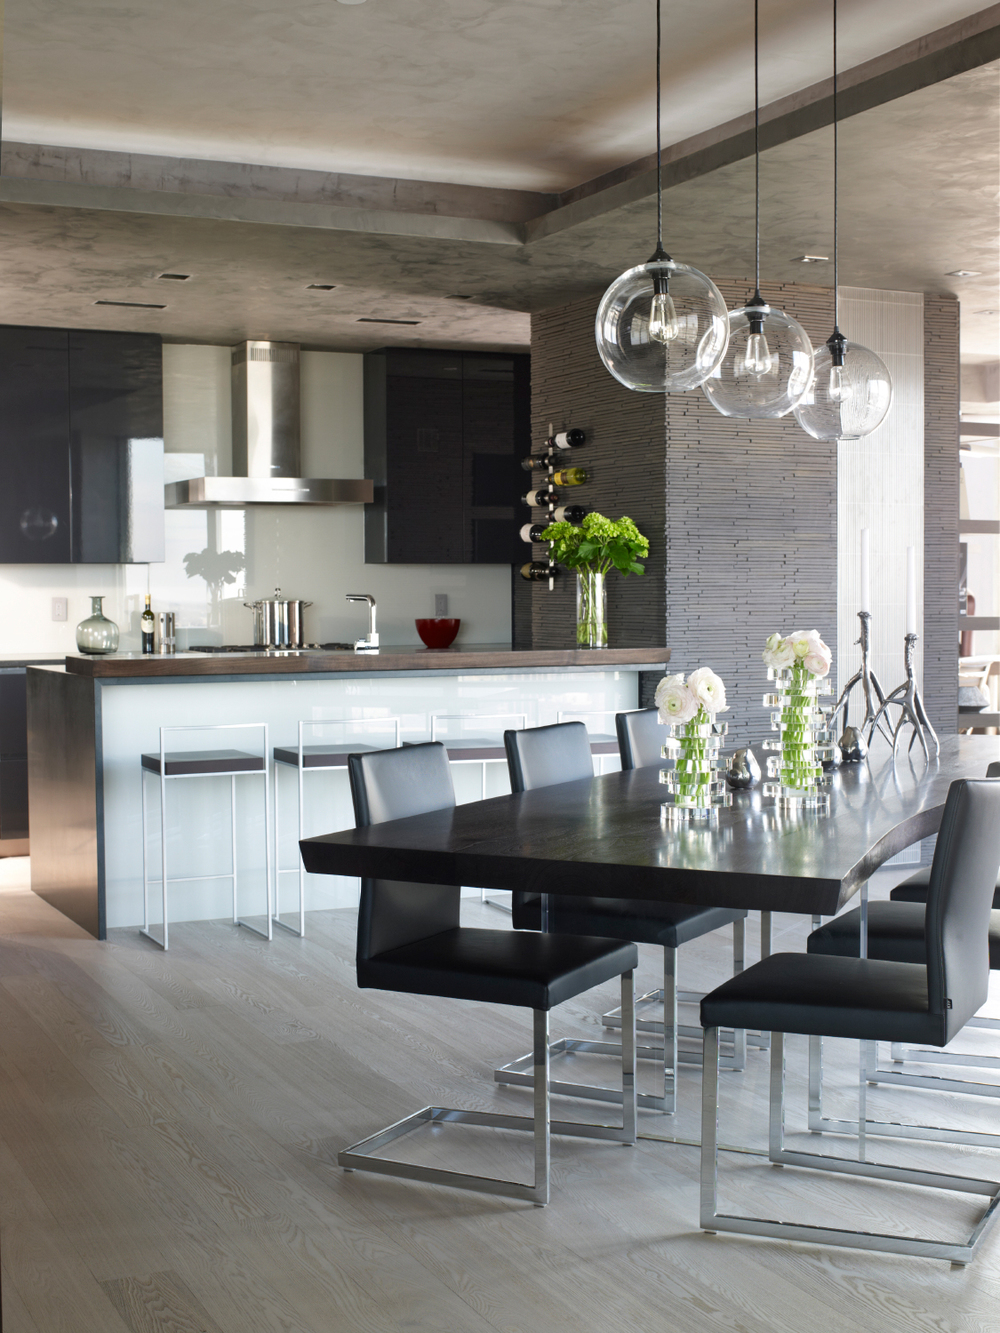 diningtable_kitchen.jpg